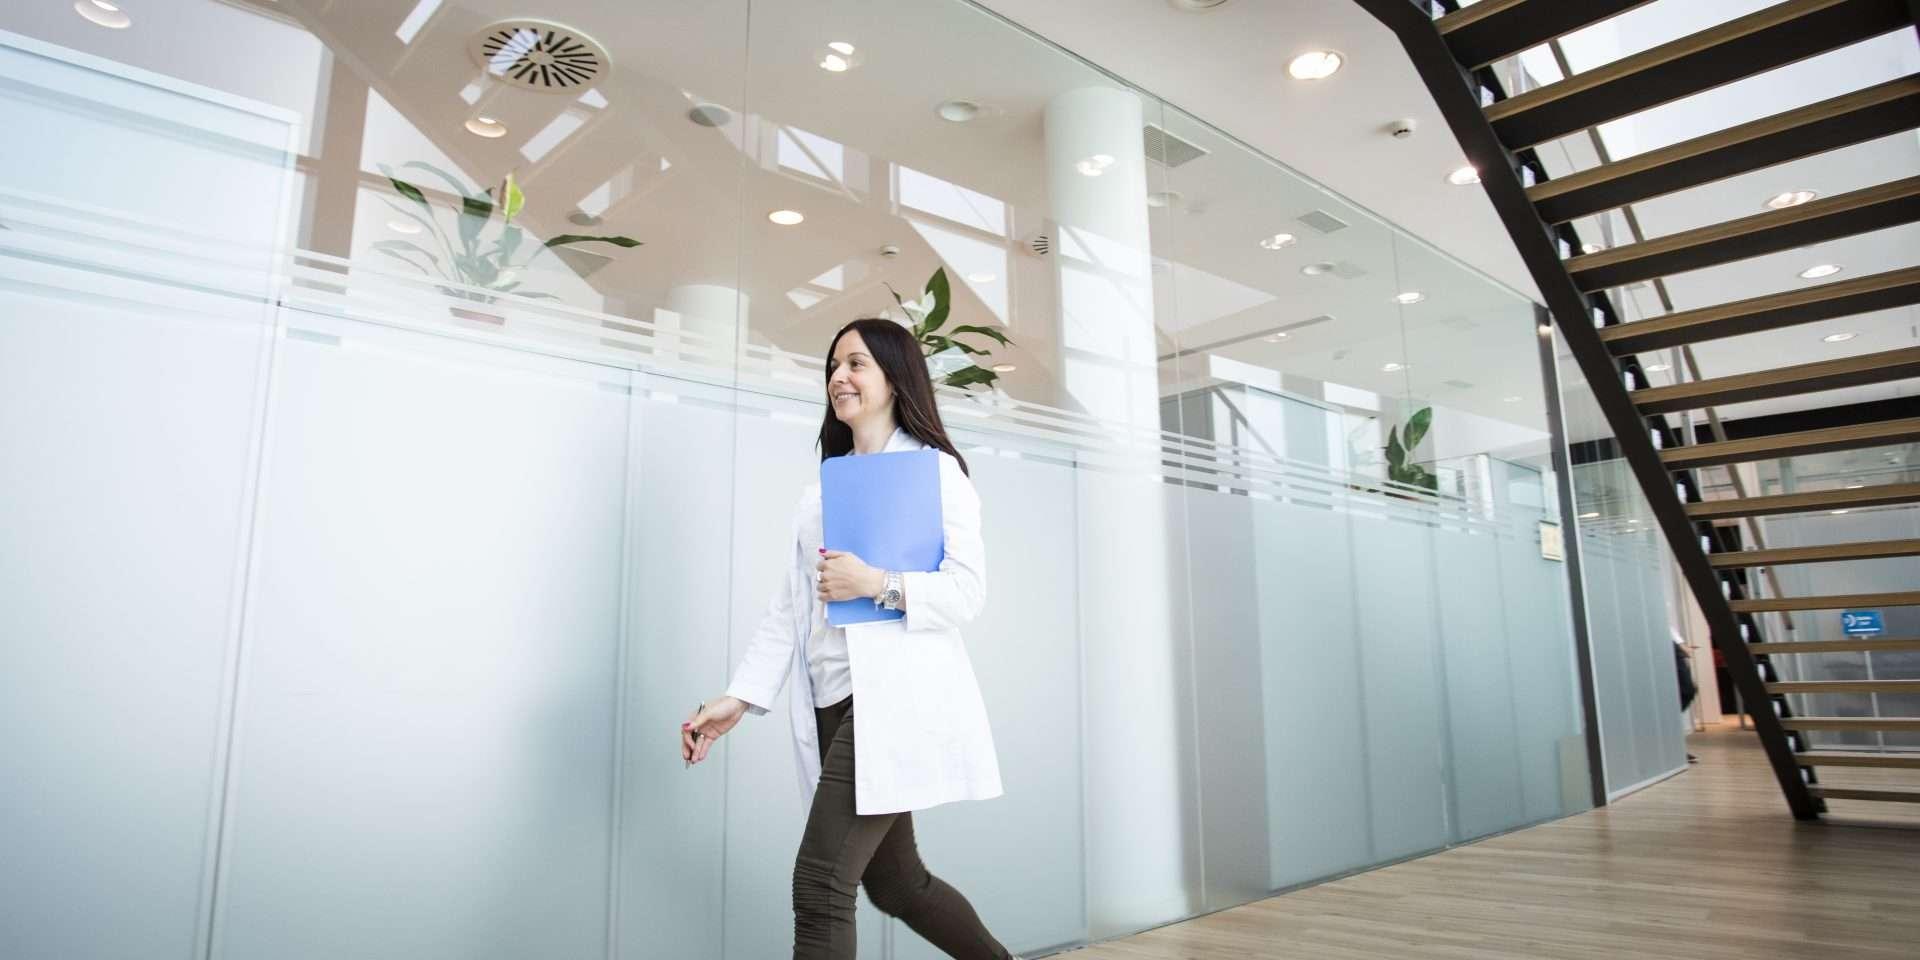 Médico clínica de fertilidad Valladolid